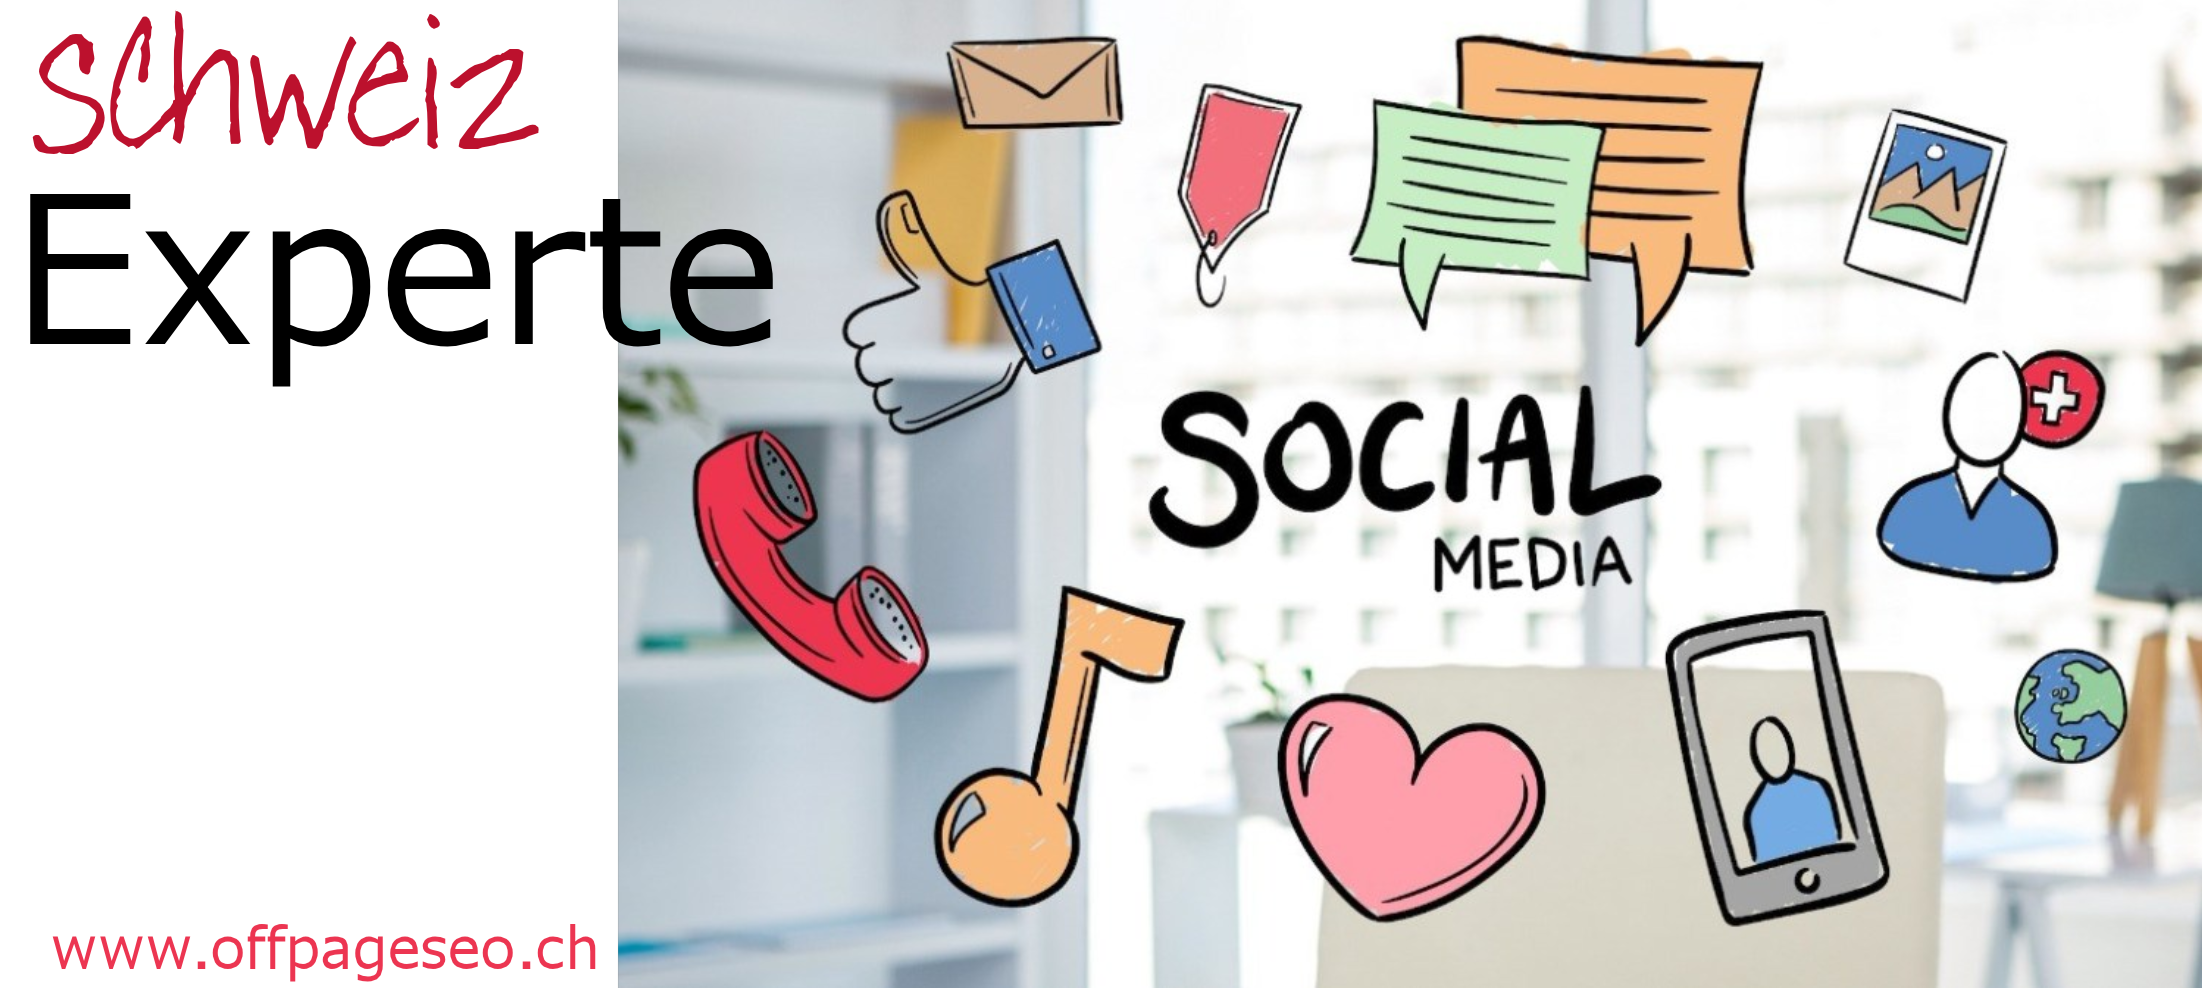 Social Media Marketing Schweiz1